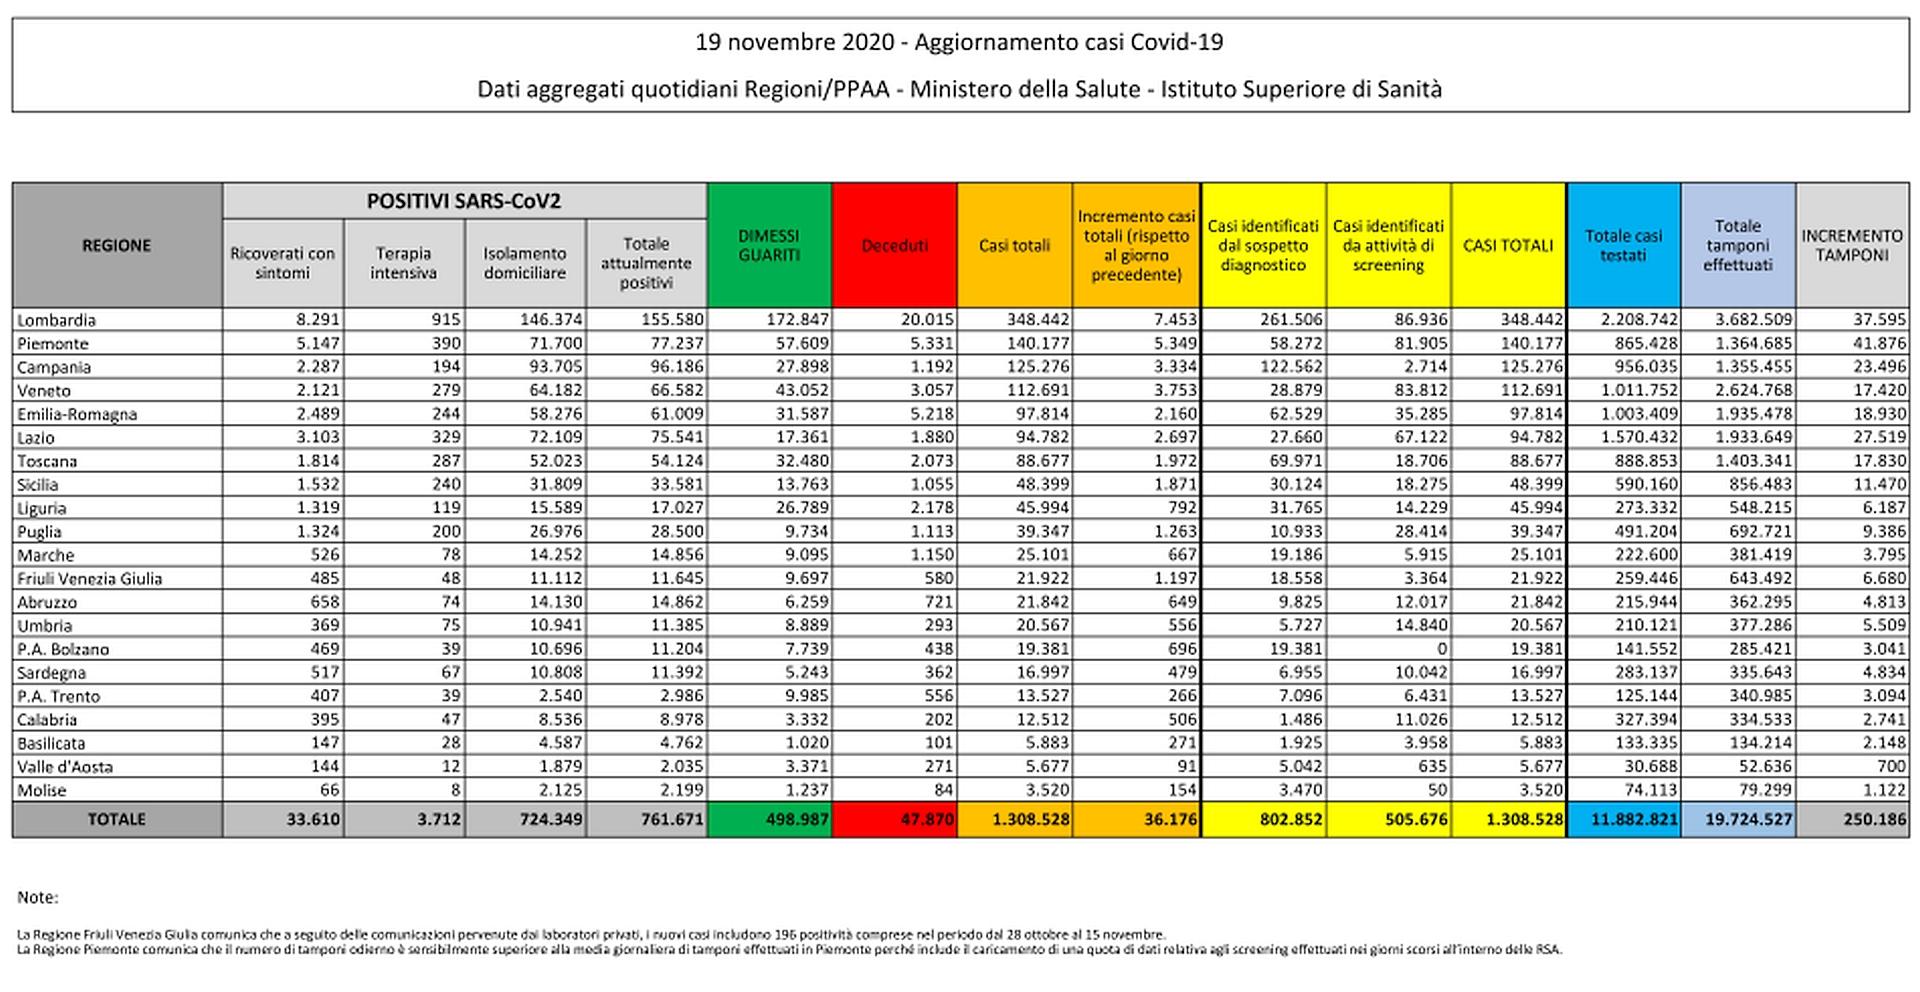 19 novembre 2020 - Aggiornamento casi Covid-19 Dati aggregati quotidiani Regioni/PPAA - Ministero della Salute - Istituto Superiore di Sanità